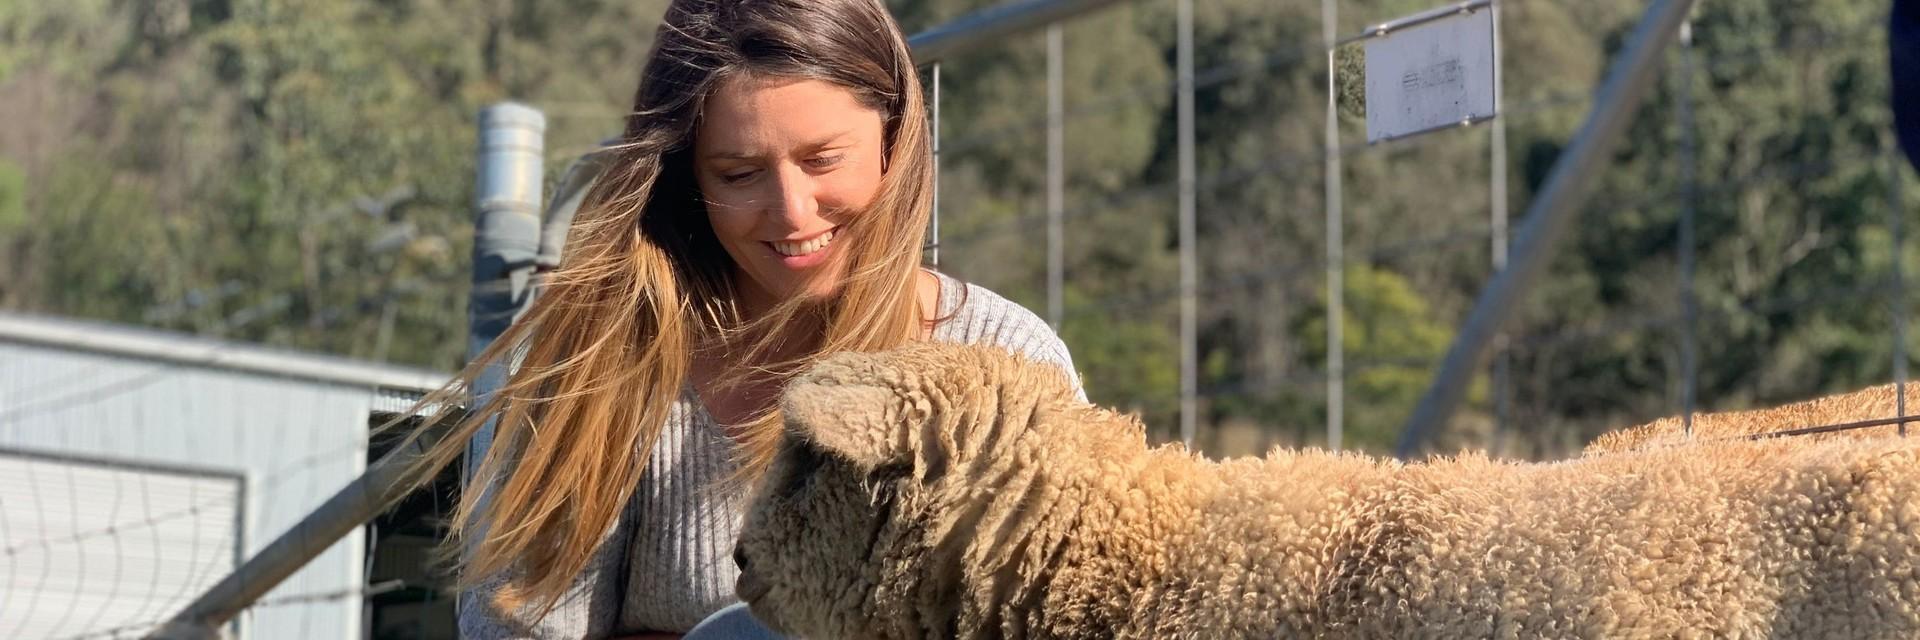 Une femme avec un mouton